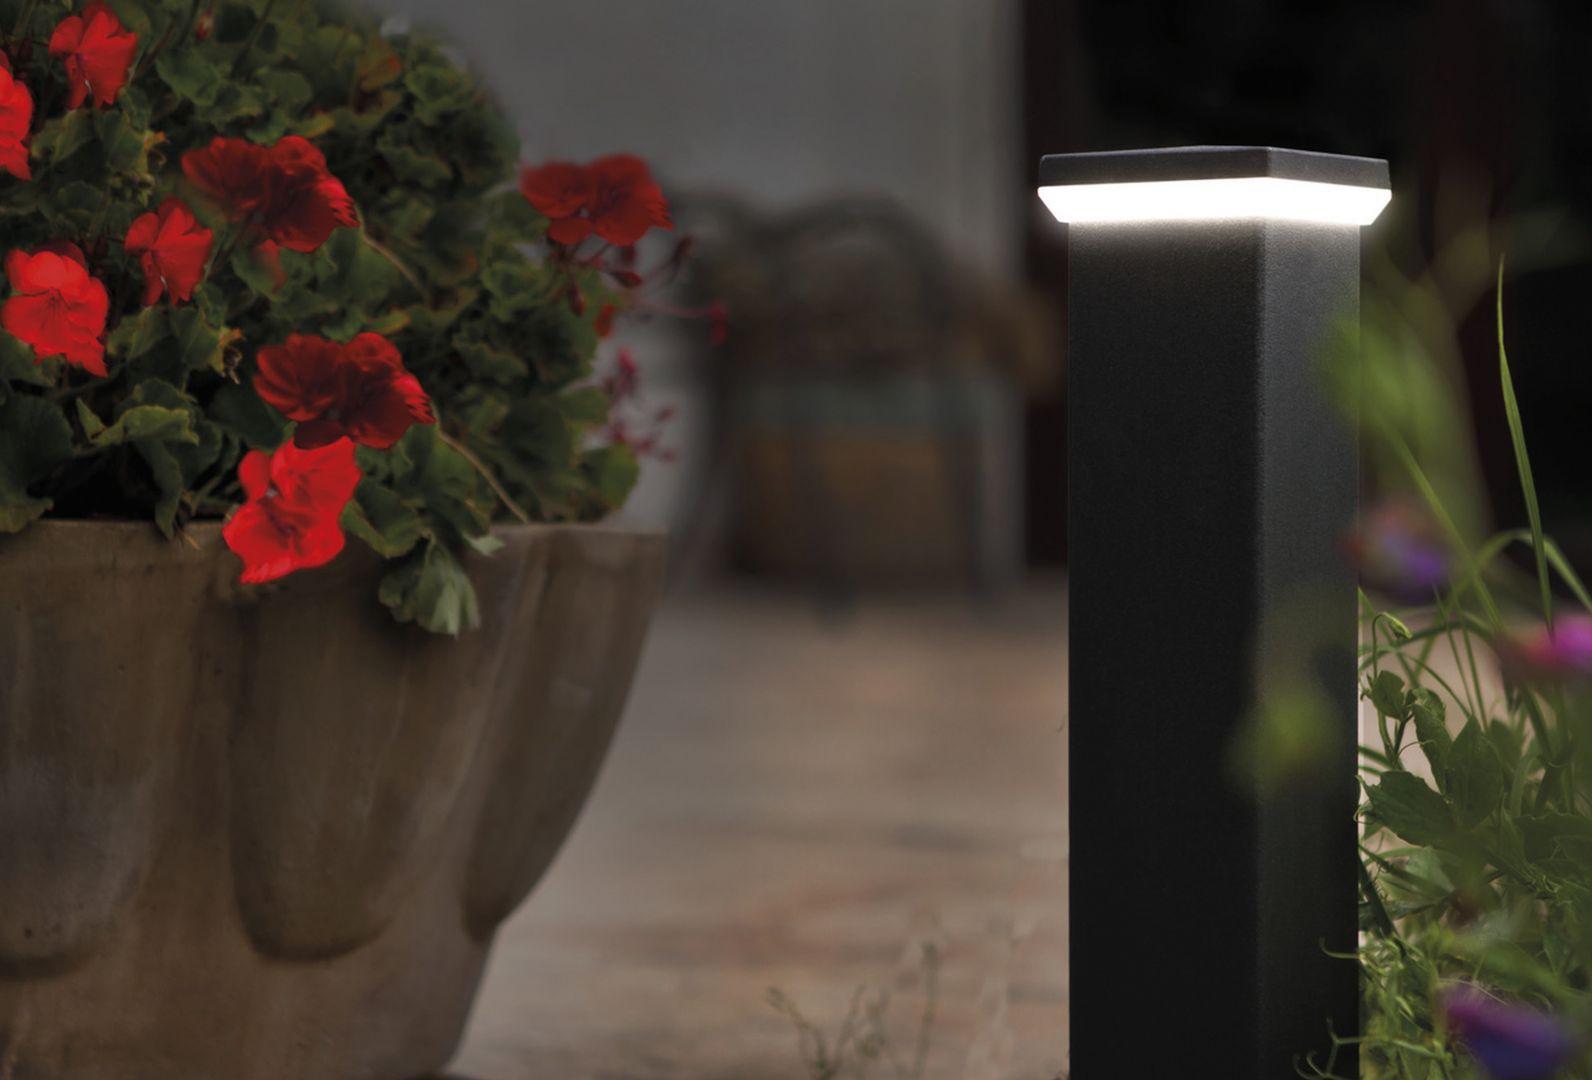 Fot. Plast-Met Systemy Oświetleniowe